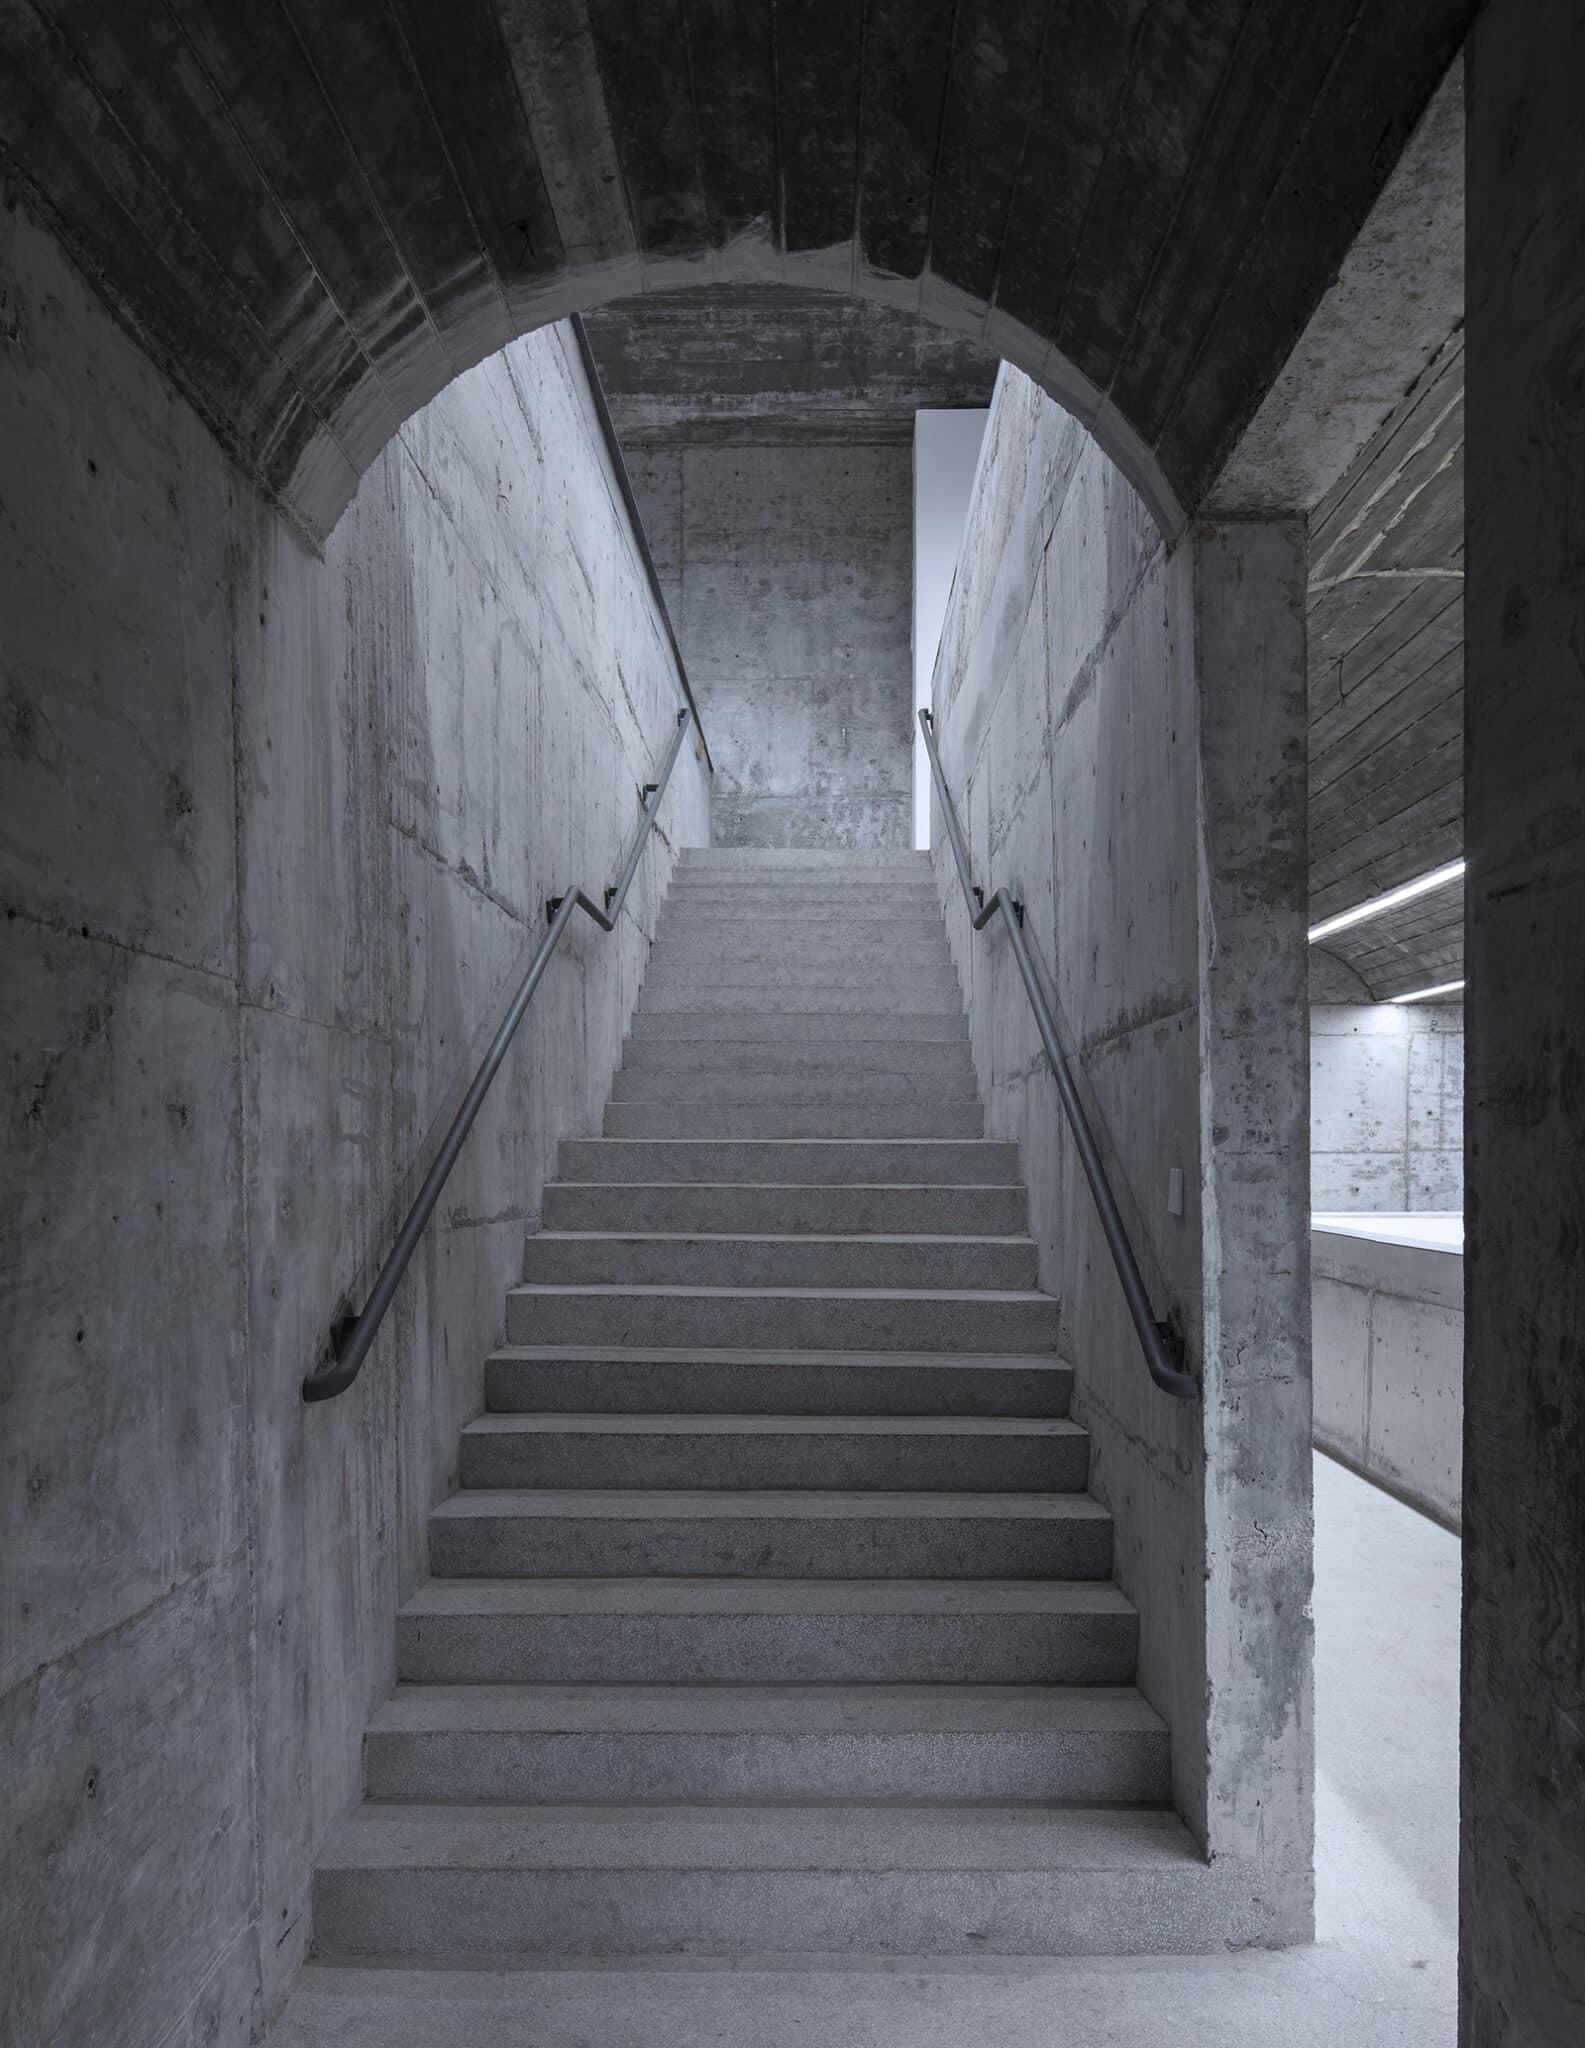 Taizhou Contemporary Art Museum  - 5.1 41